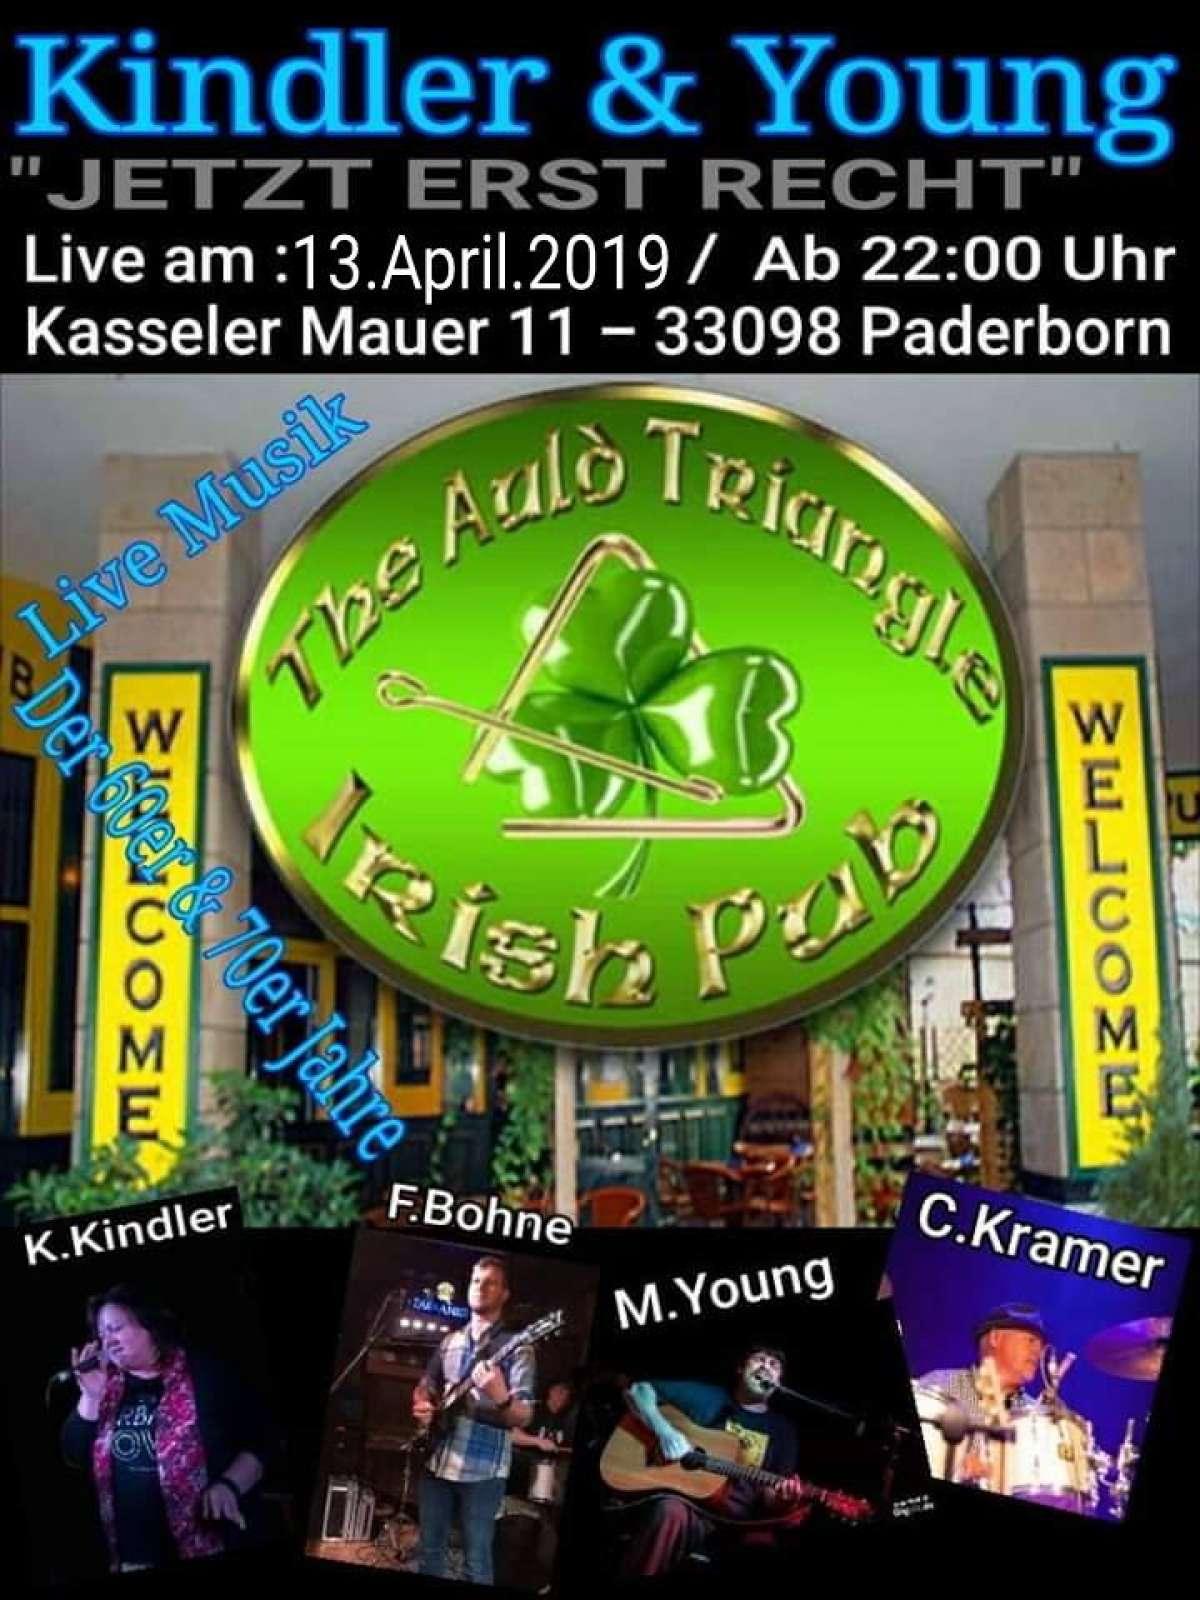 Veranstaltungen & Events am »Samstag, 13. April 2019« in deiner Nähe...